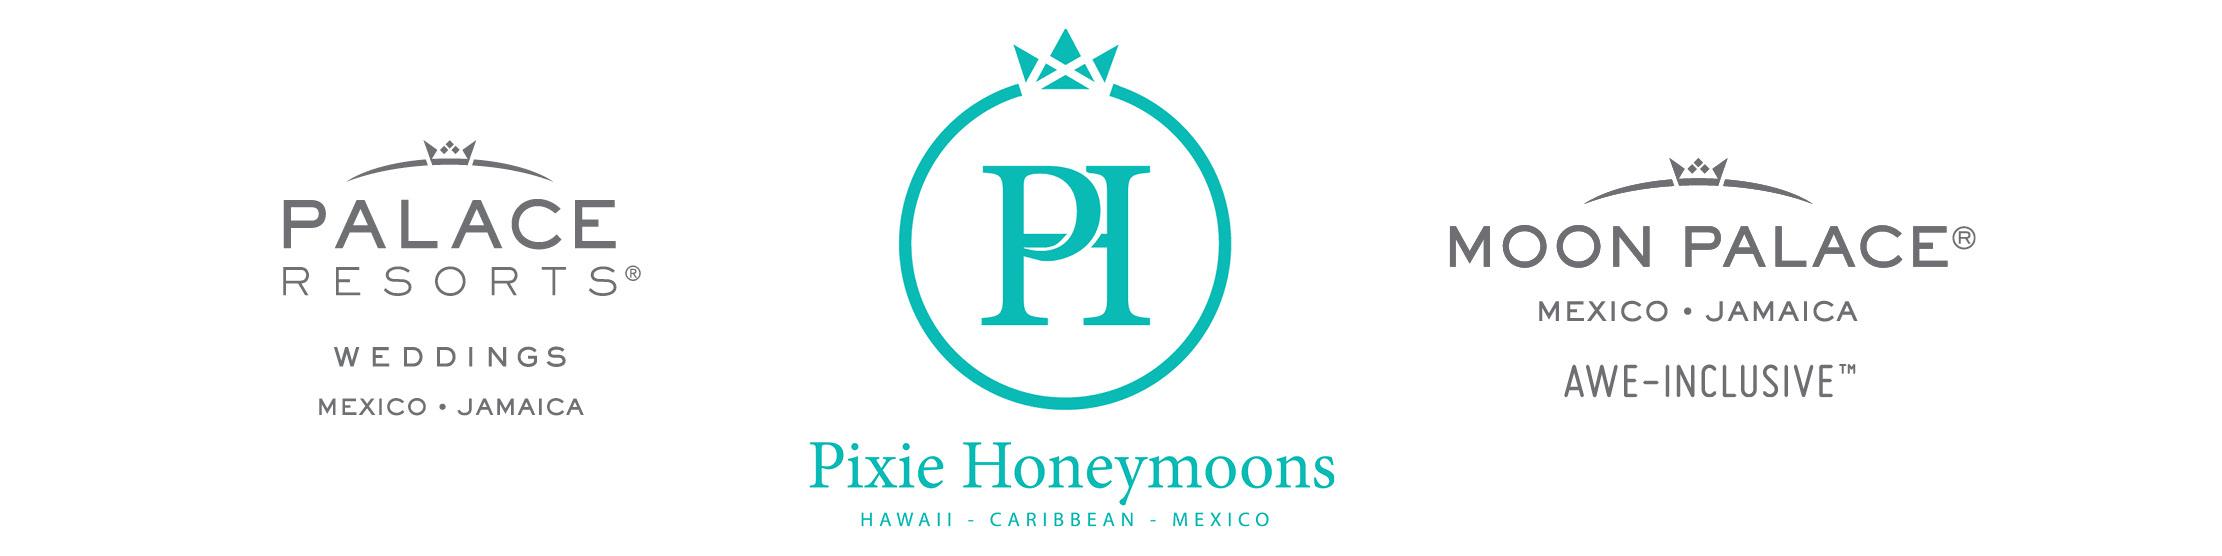 ASW honeymoon contest | Pixie Honeymoons